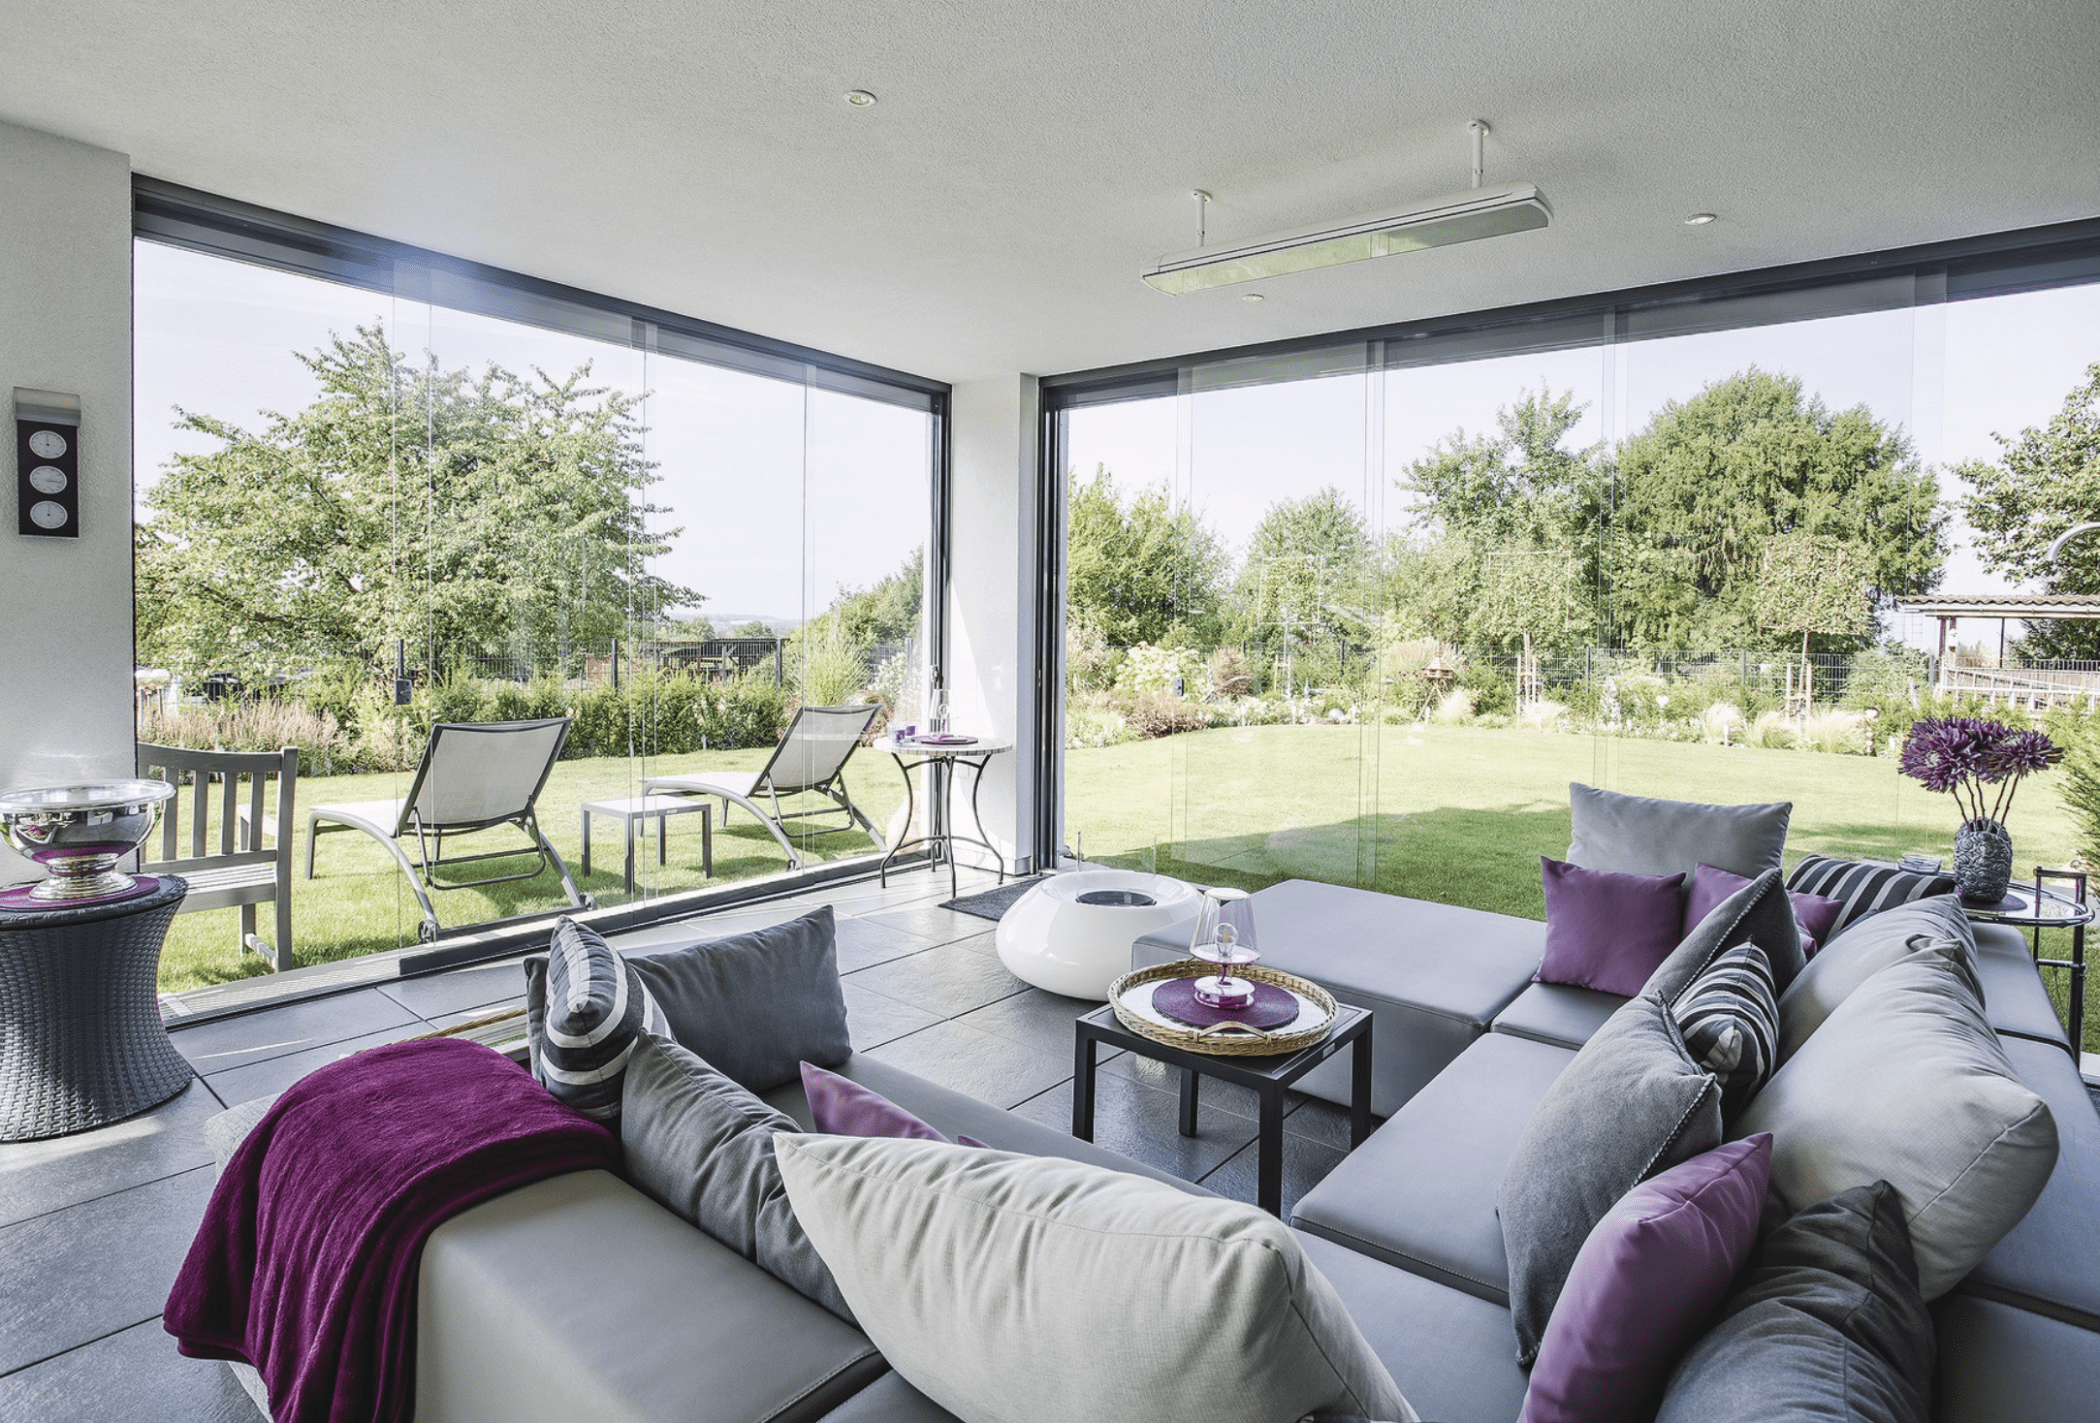 Wintergarten Anbau - Luxus Haus Design Ideen innen WeberHaus Fertighaus - HausbauDirekt.de